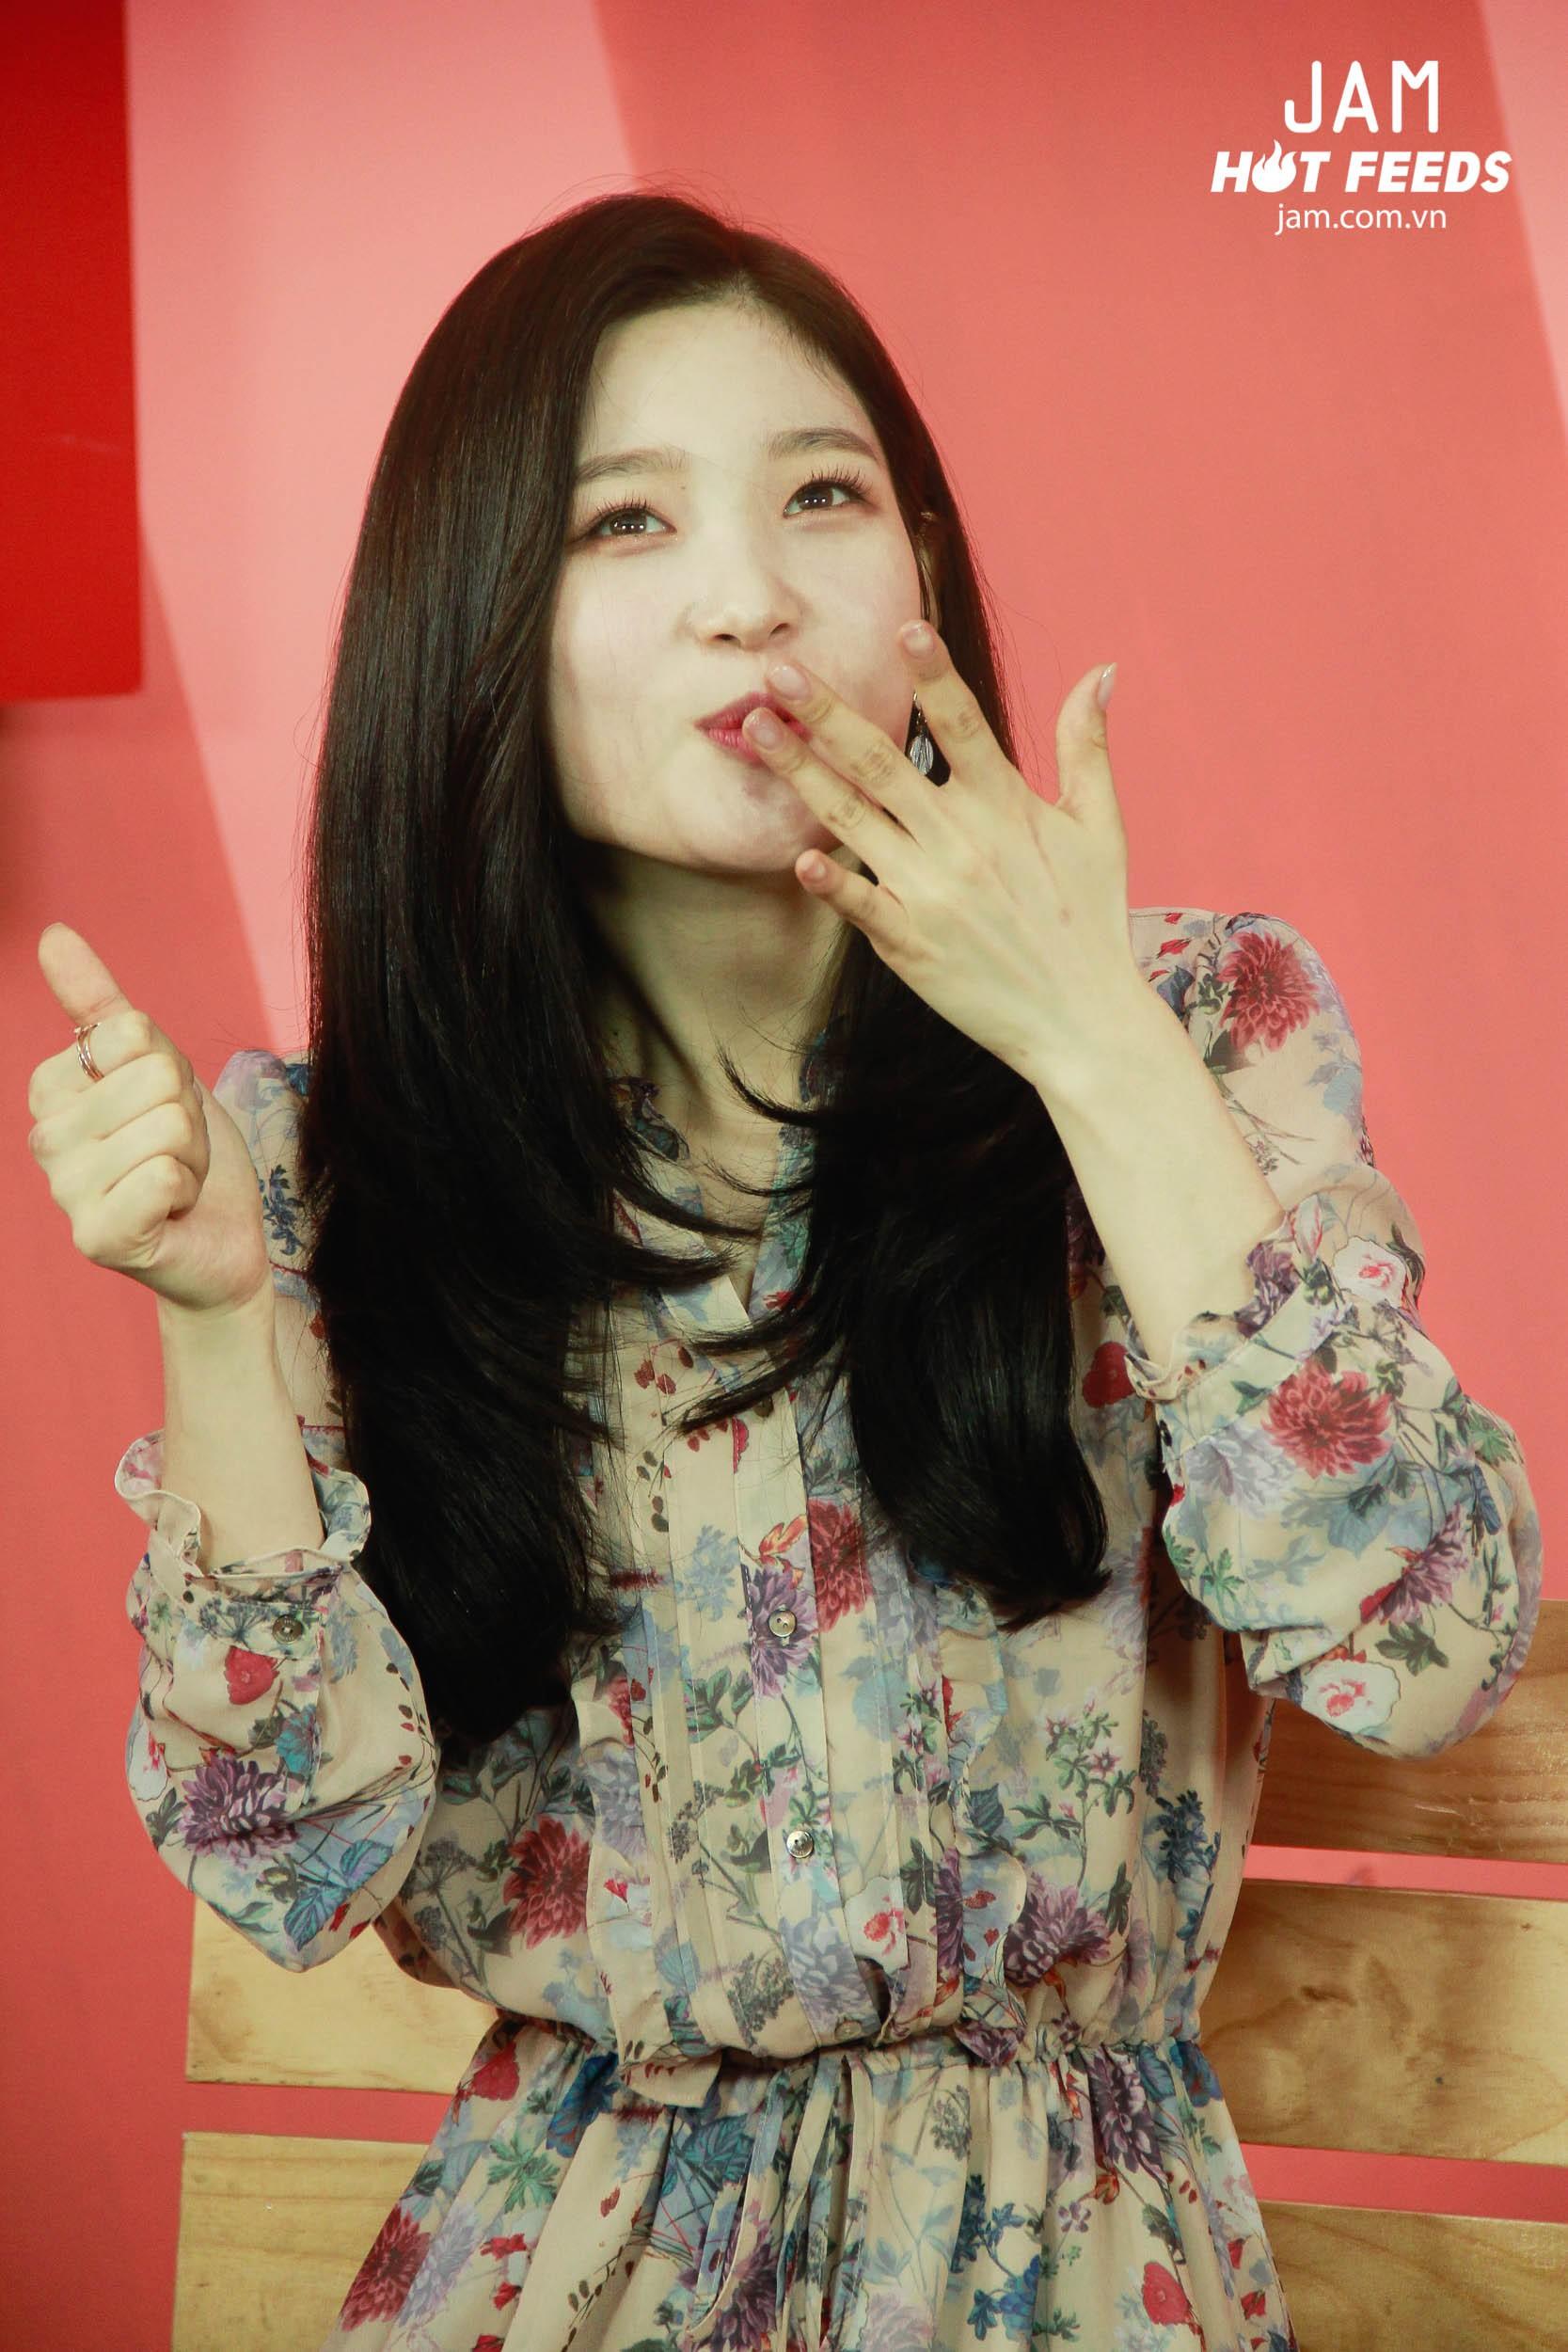 Xứng danh nữ thần thế hệ mới, Chae Yeon đẹp đến xiêu lòng trong bất kỳ khoảnh khắc nào! - Ảnh 8.